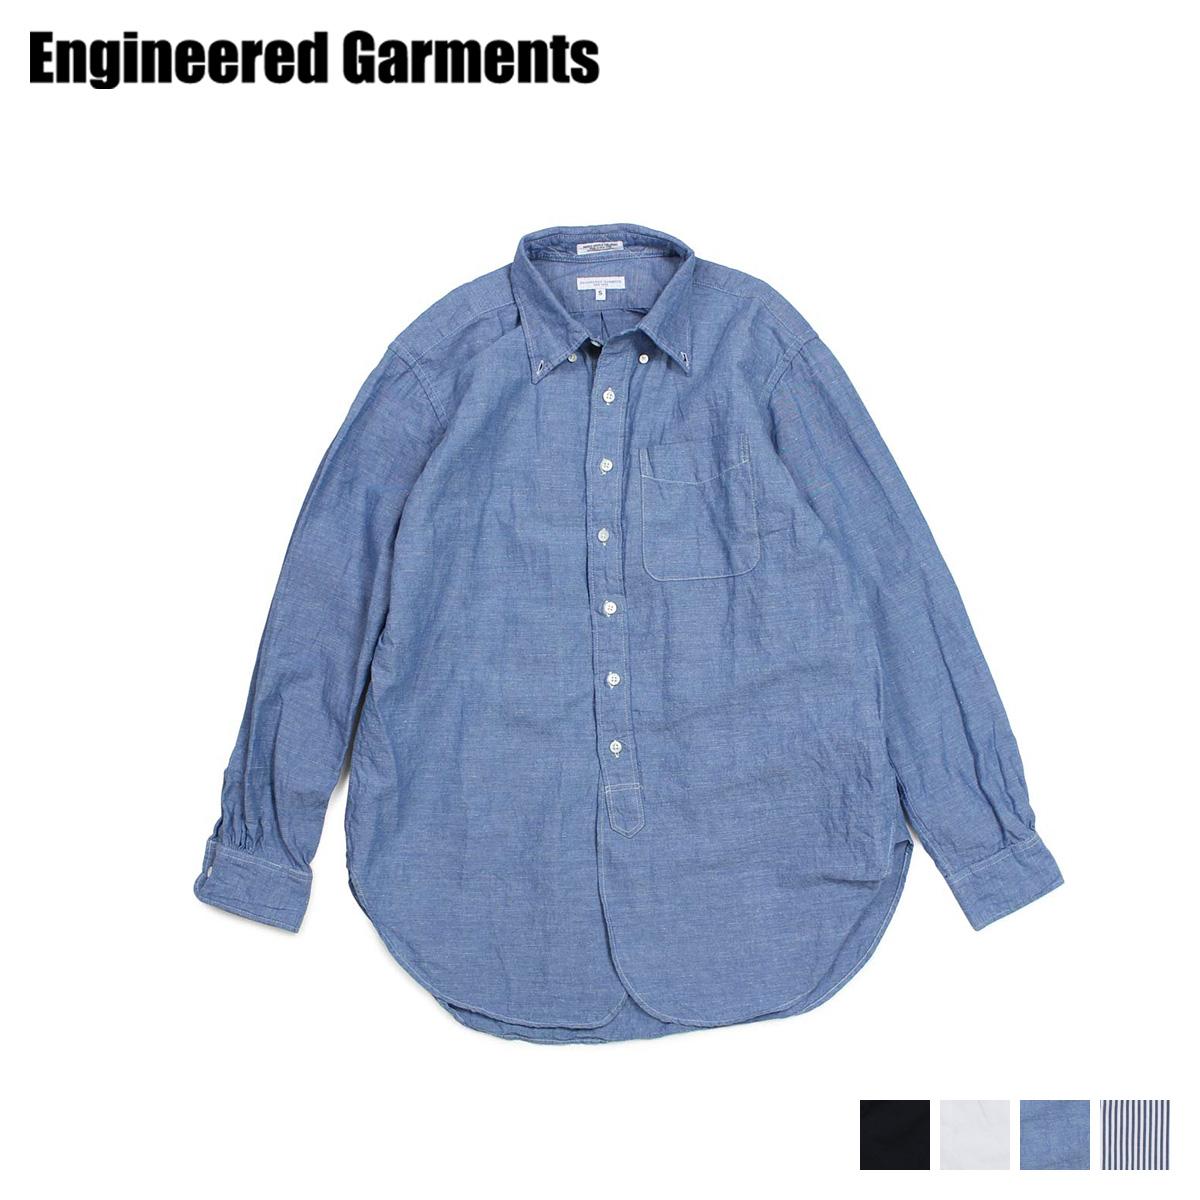 ENGINEERED GARMENTS エンジニアドガーメンツ シャツ 長袖 オックスフォードシャツ メンズ 19 CENTURY BUTTON DOWN SHIRT ブラック ホワイト ブルー 黒 白 19SA001 [3/28 新入荷]